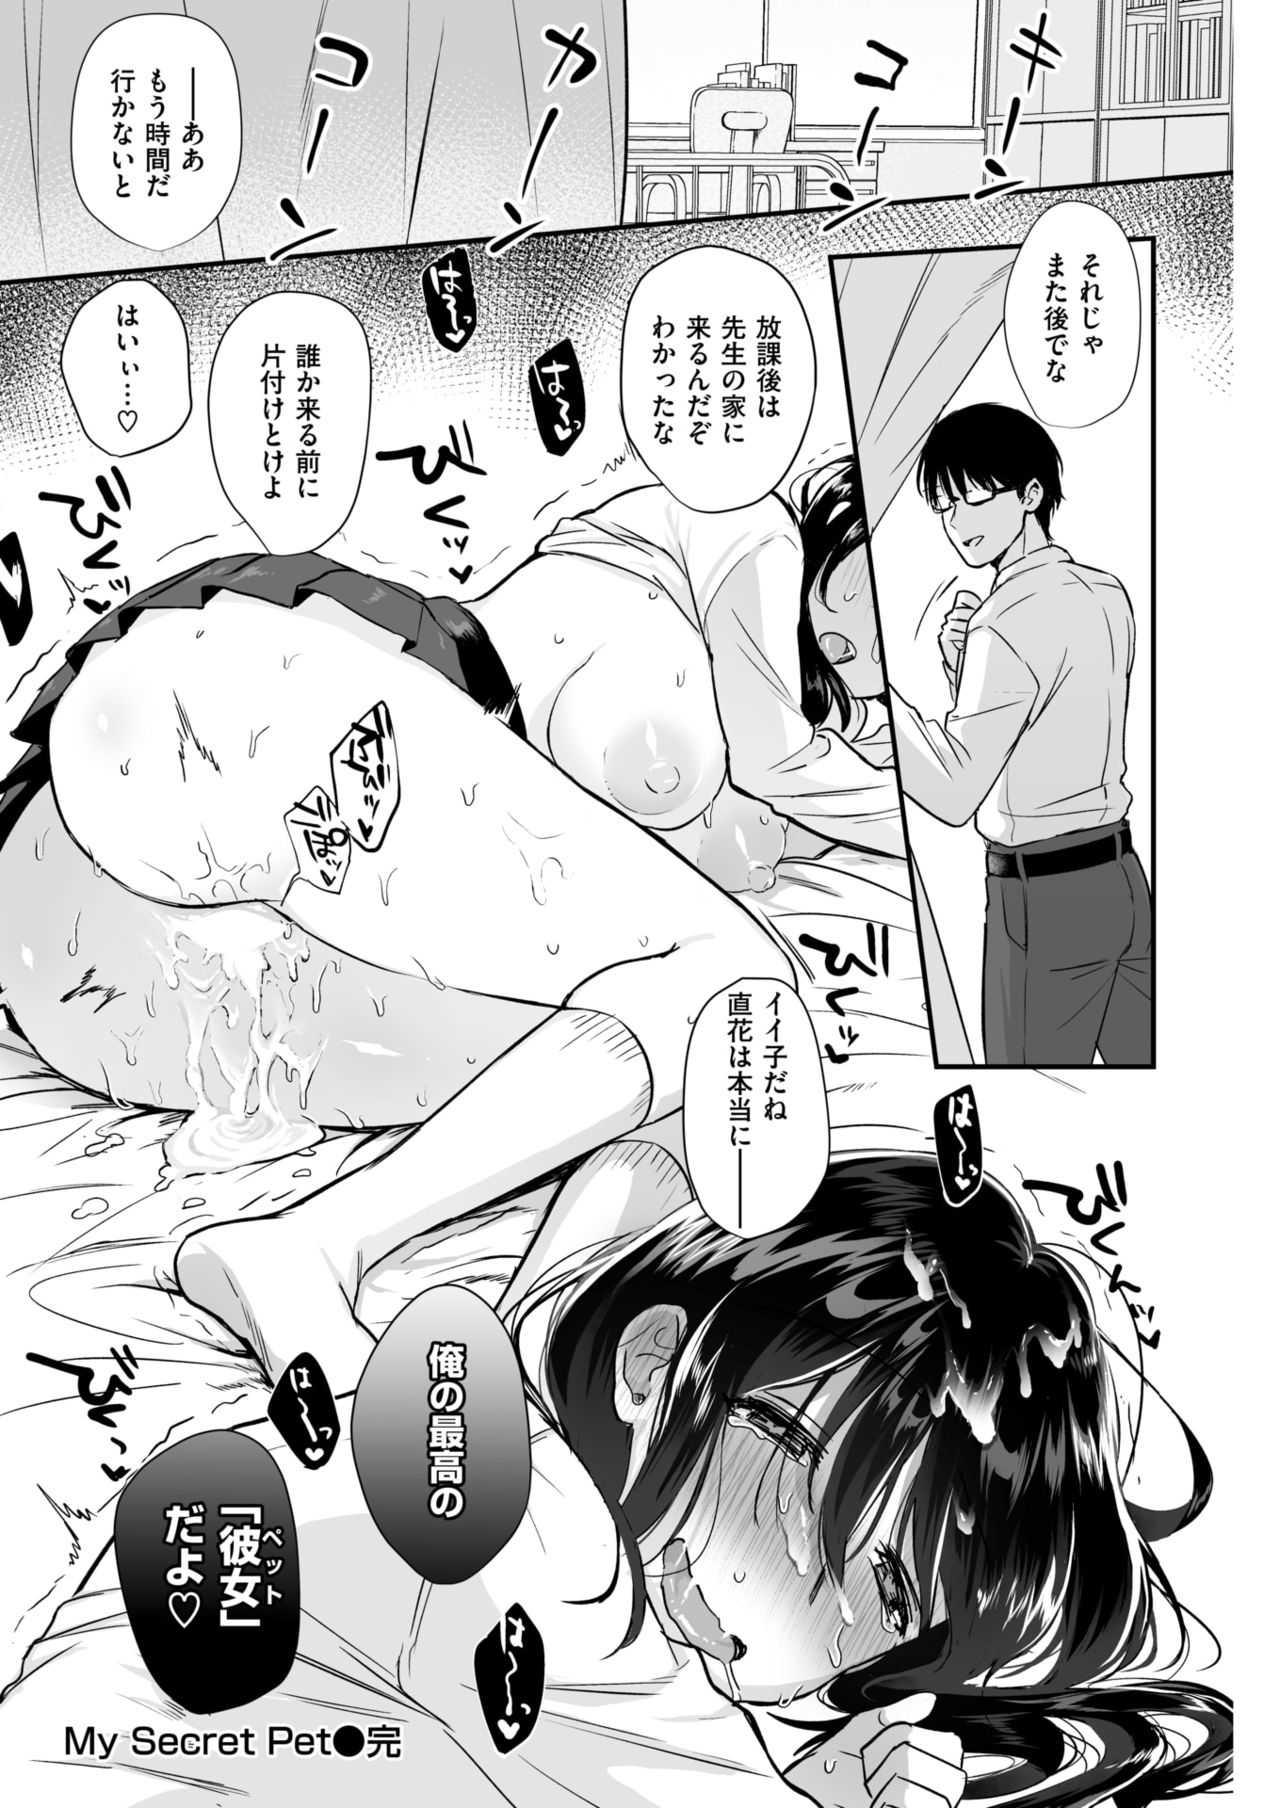 【エロ漫画】教師と秘密の関係を続けているJK…バイブ付き貞操帯を装着して学校で過ごすよう命令され羞恥と快楽で真っ赤にwww【雨あられ:My secret pet】